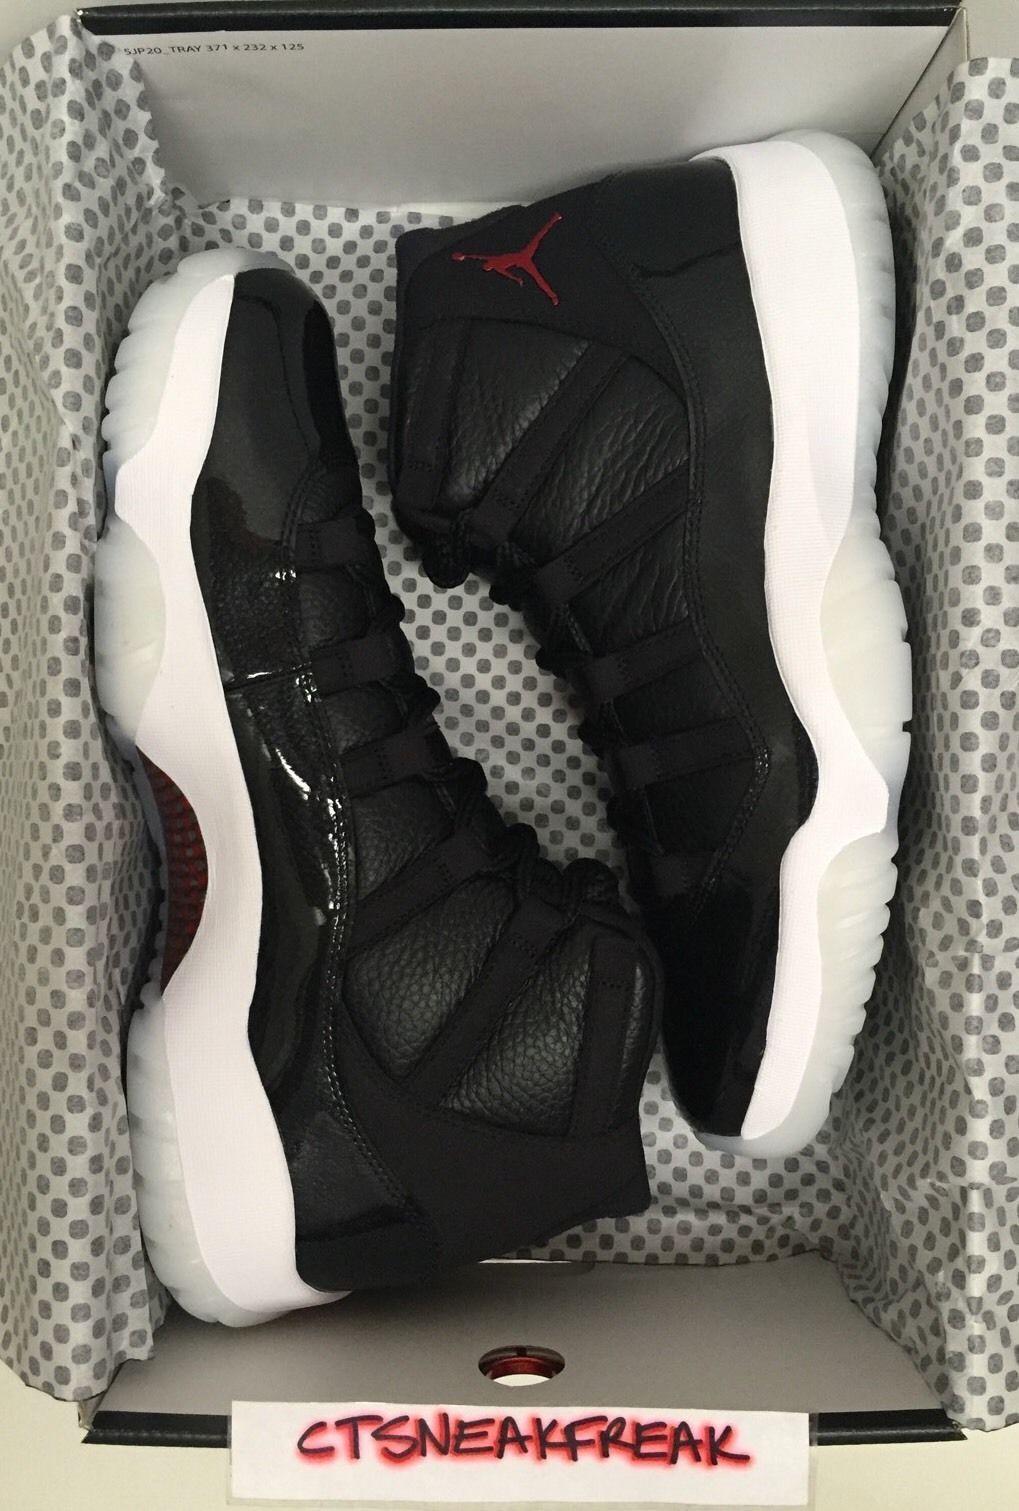 e6ab1029f081 Nike Mens Air Jordan 11 Retro 72-10 Black Shoe s - 378037-002 for ...